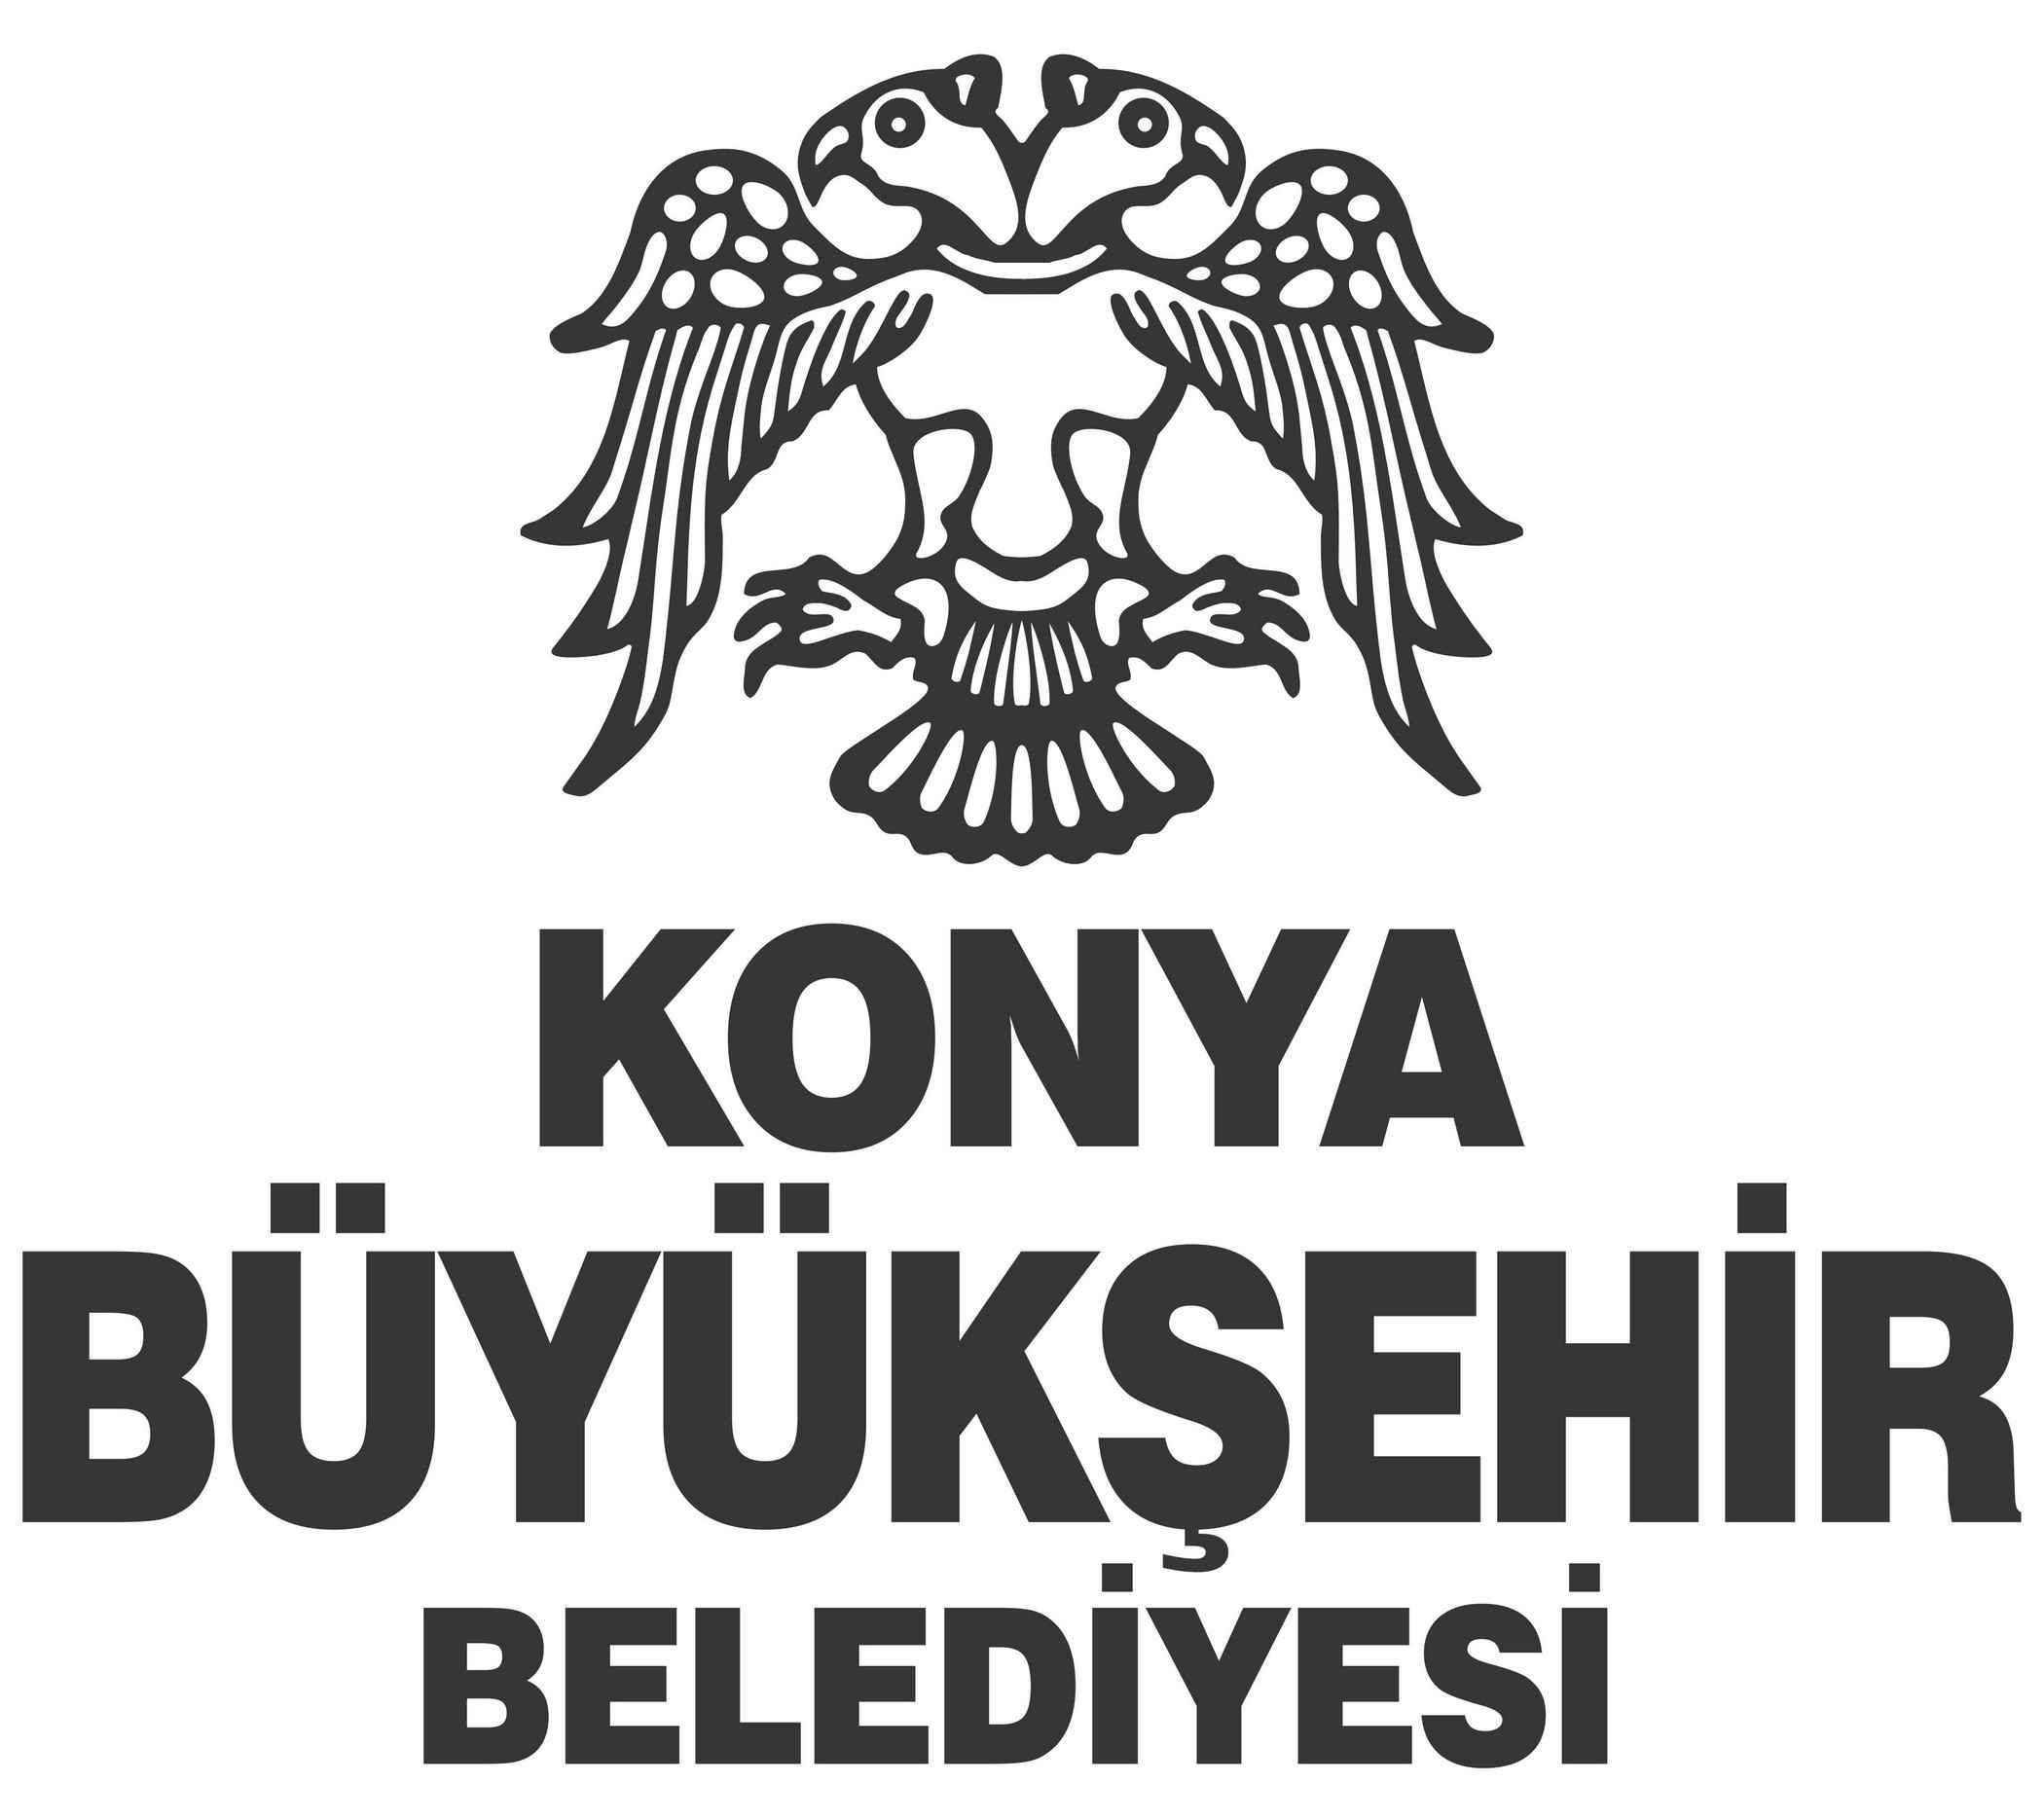 konya-buyuksehir-belediyesi-logo